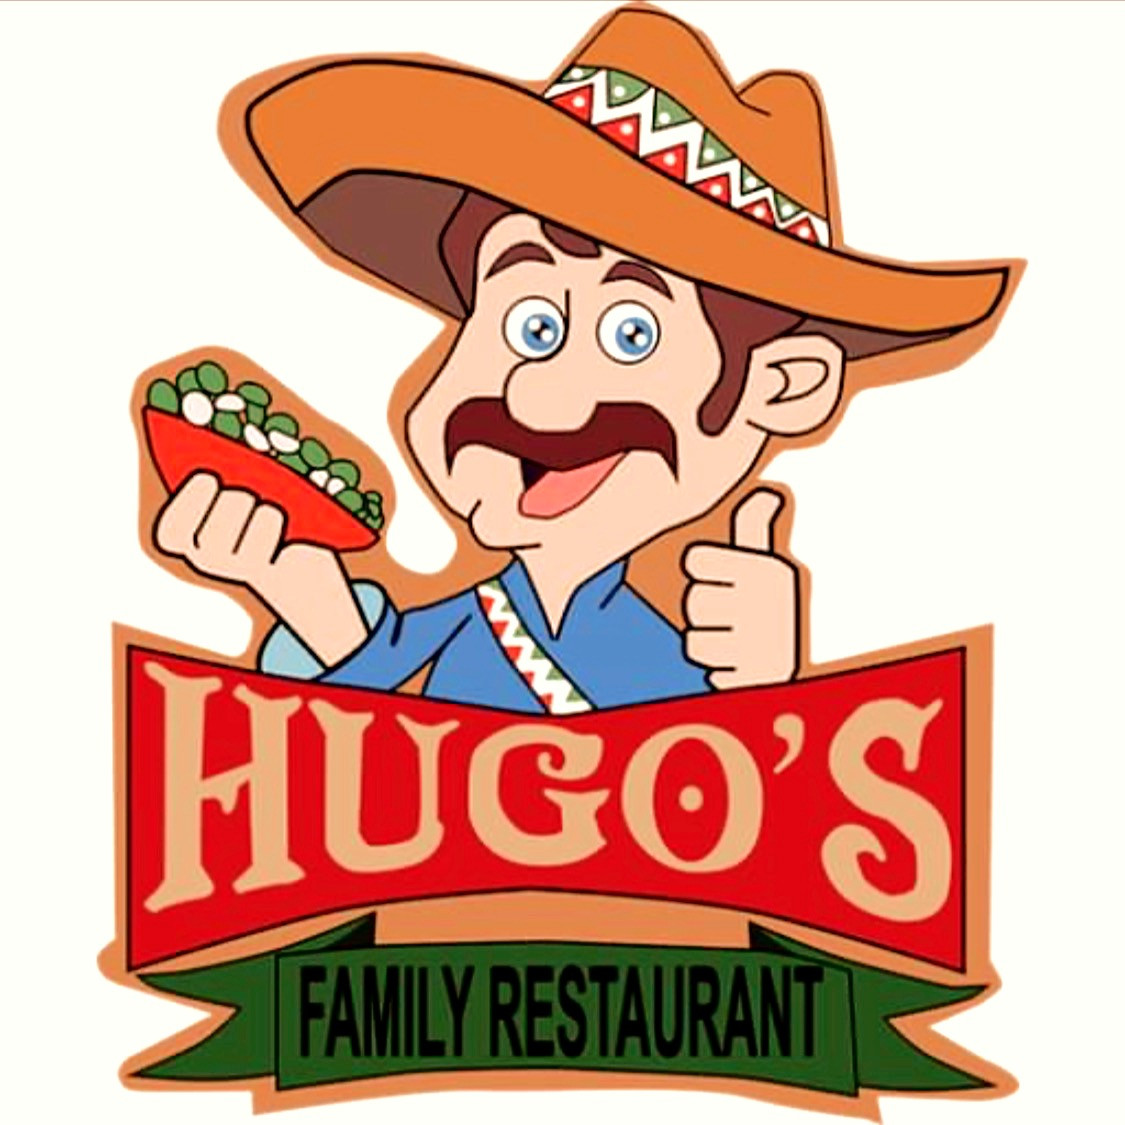 Hugo's Family Restaurant logo